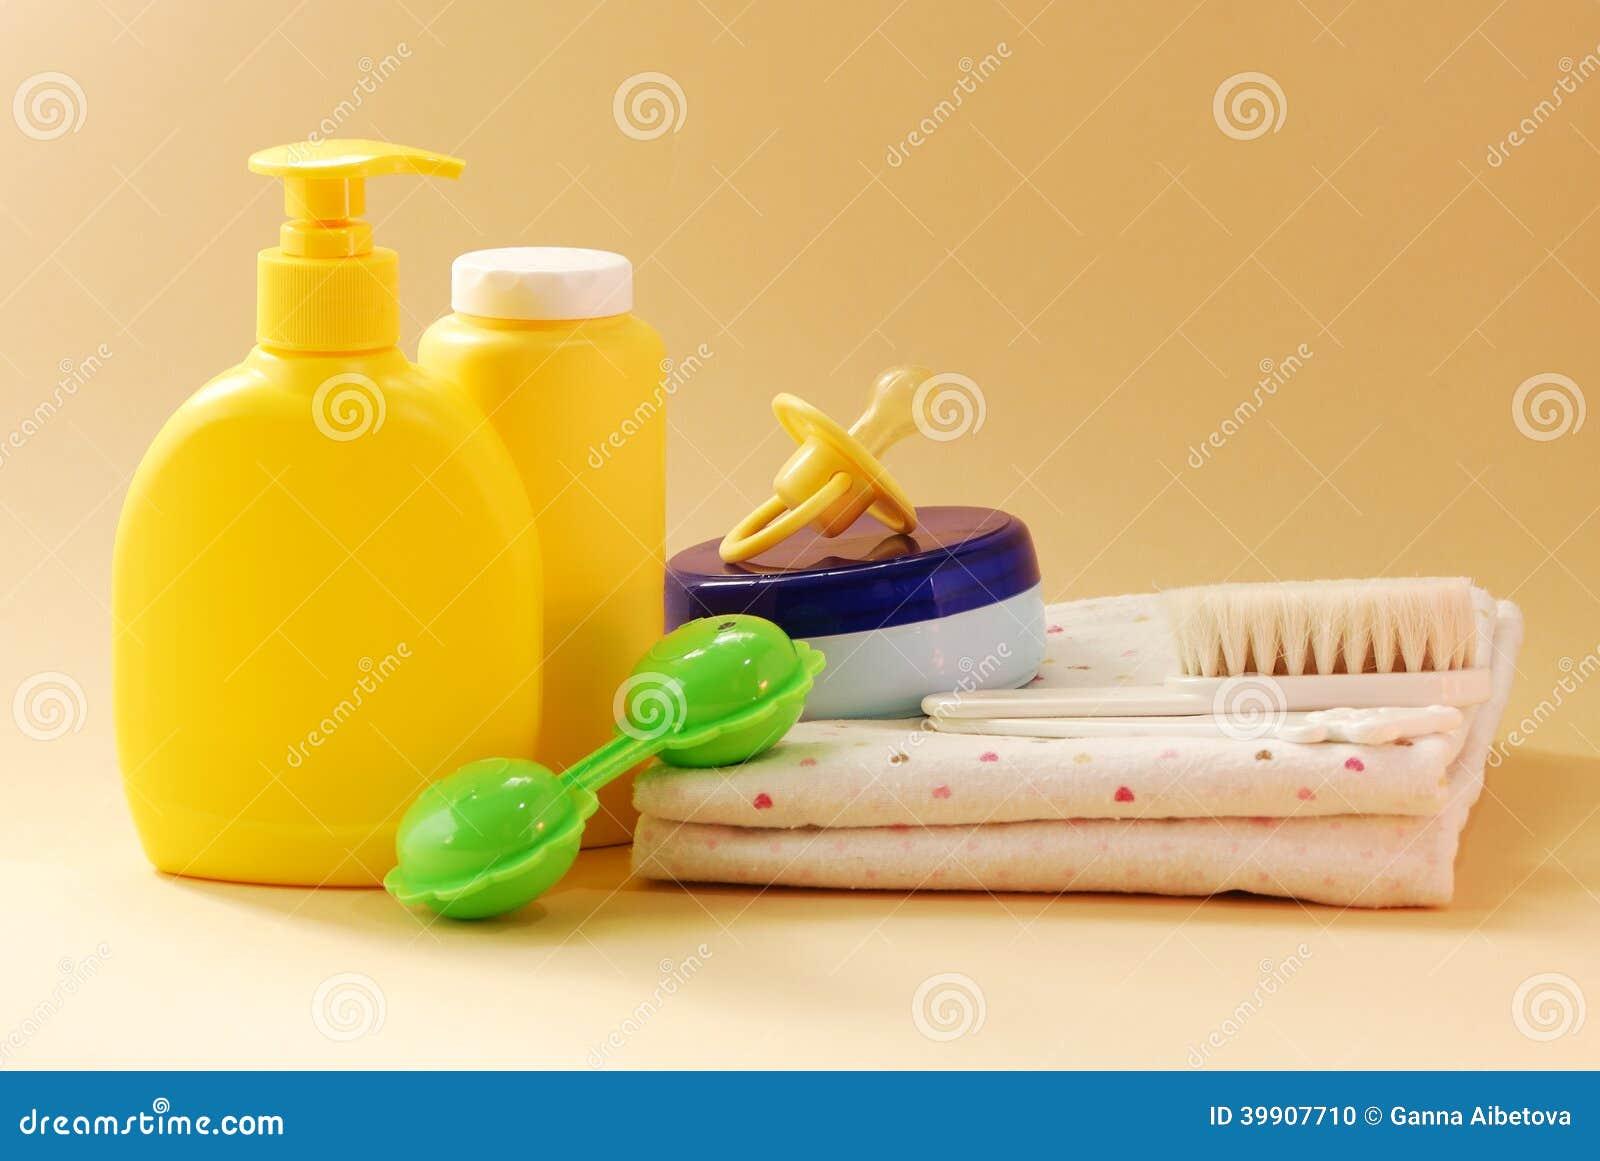 Accesorios y juguetes del cuarto de ba o del beb foto de for Accesorios habitacion bebe